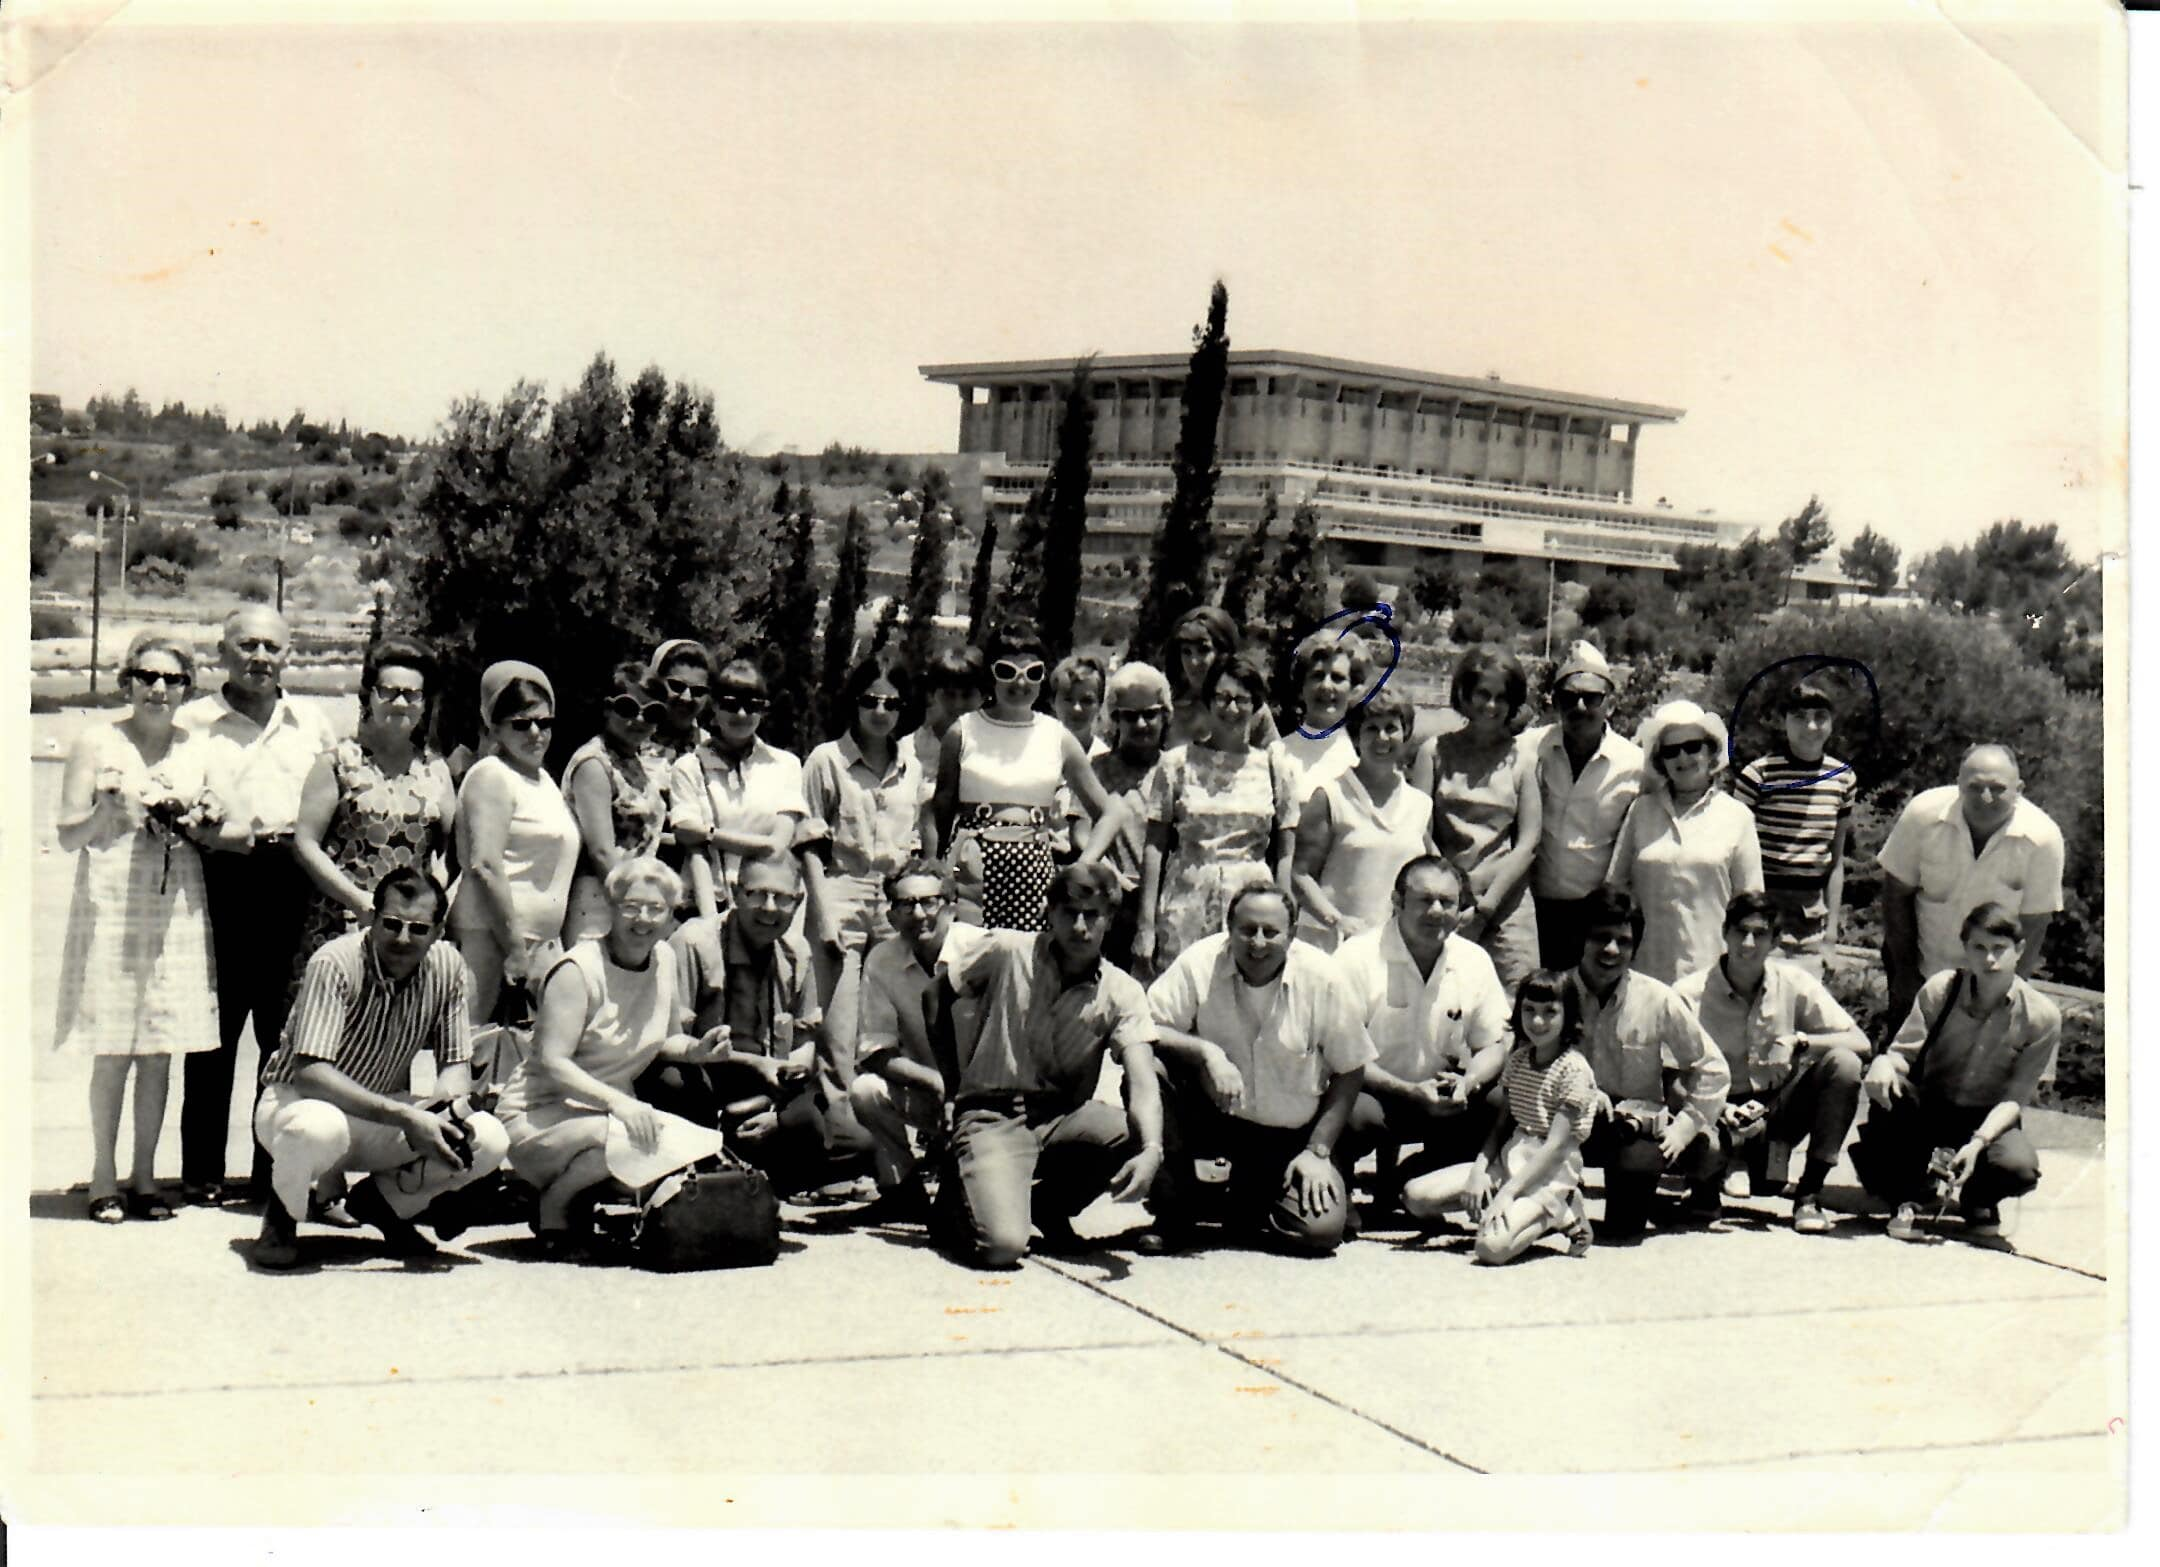 ג'קלין בת 8 (בשורה הראשונה, מימין) בטיול קבוצתי בישראל, 1969. אמה סטלה ואחותה ויקטוריה עומדות מאחור (מסומנות בעיגולים) (צילום באדיבות סאפר)